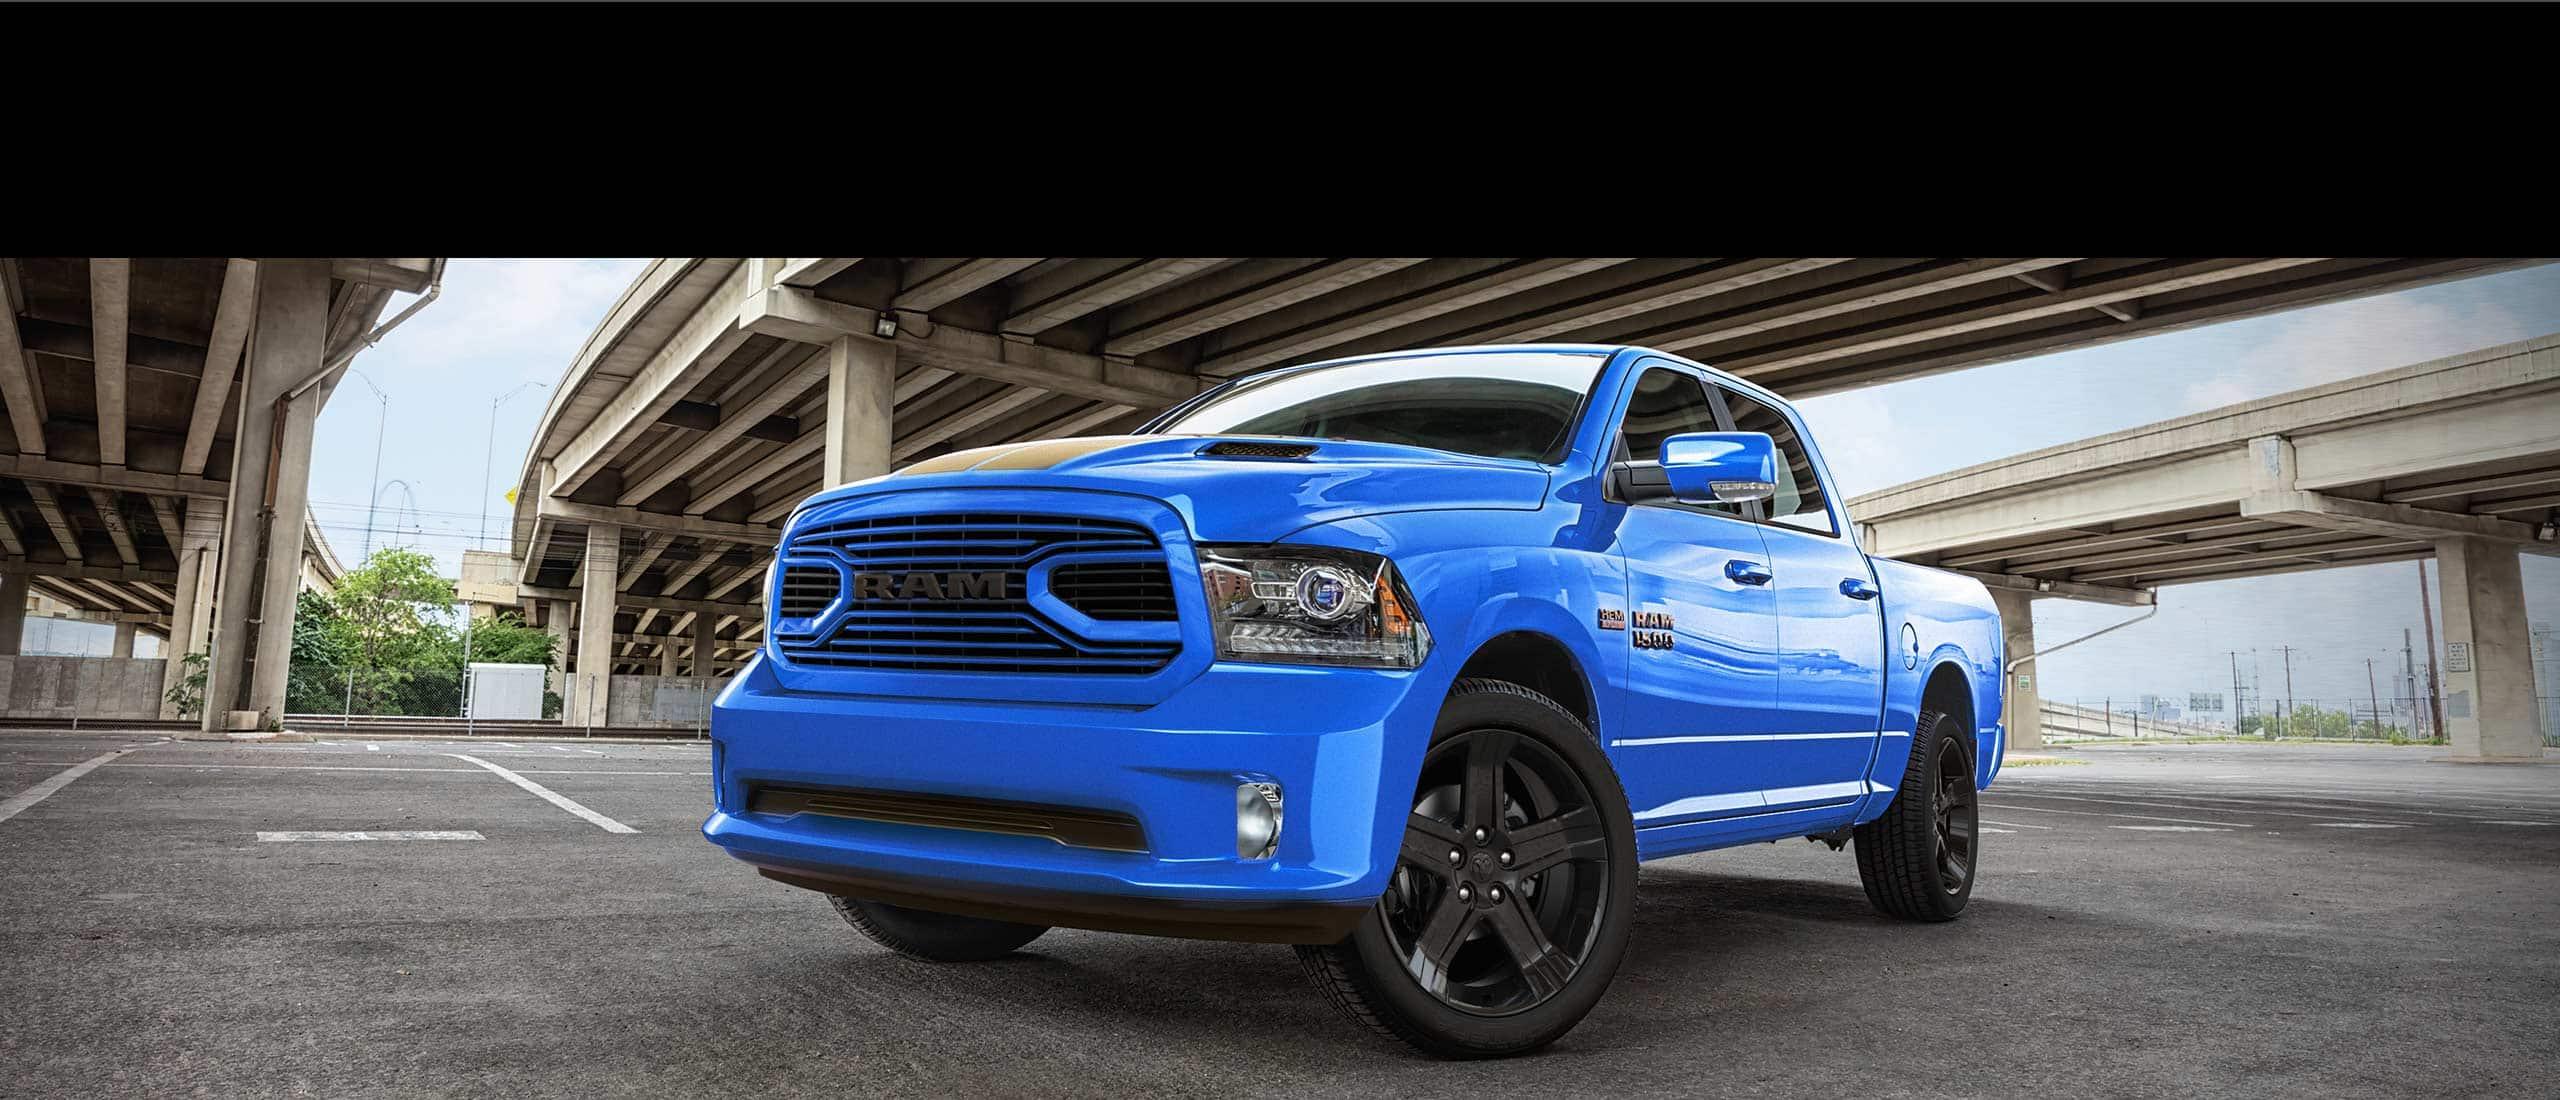 Hydro Blue Ram 1500 >> 2018 Ram 1500 Sport Hydro Blue - Limited Edition Truck